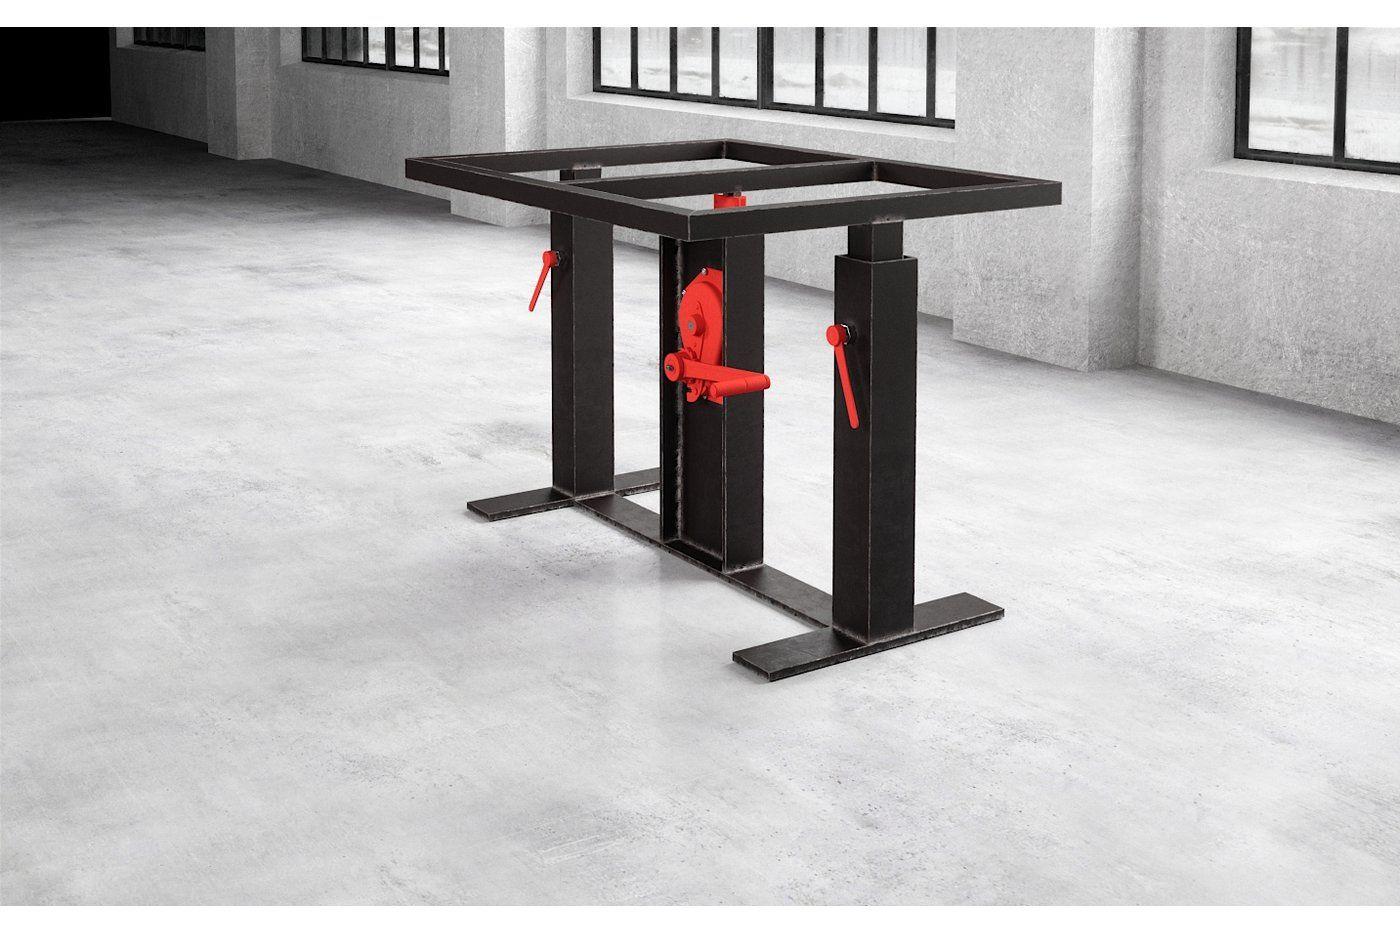 Stahl Esstisch Untergestell Compus Hohenverstellbar Haus Deko